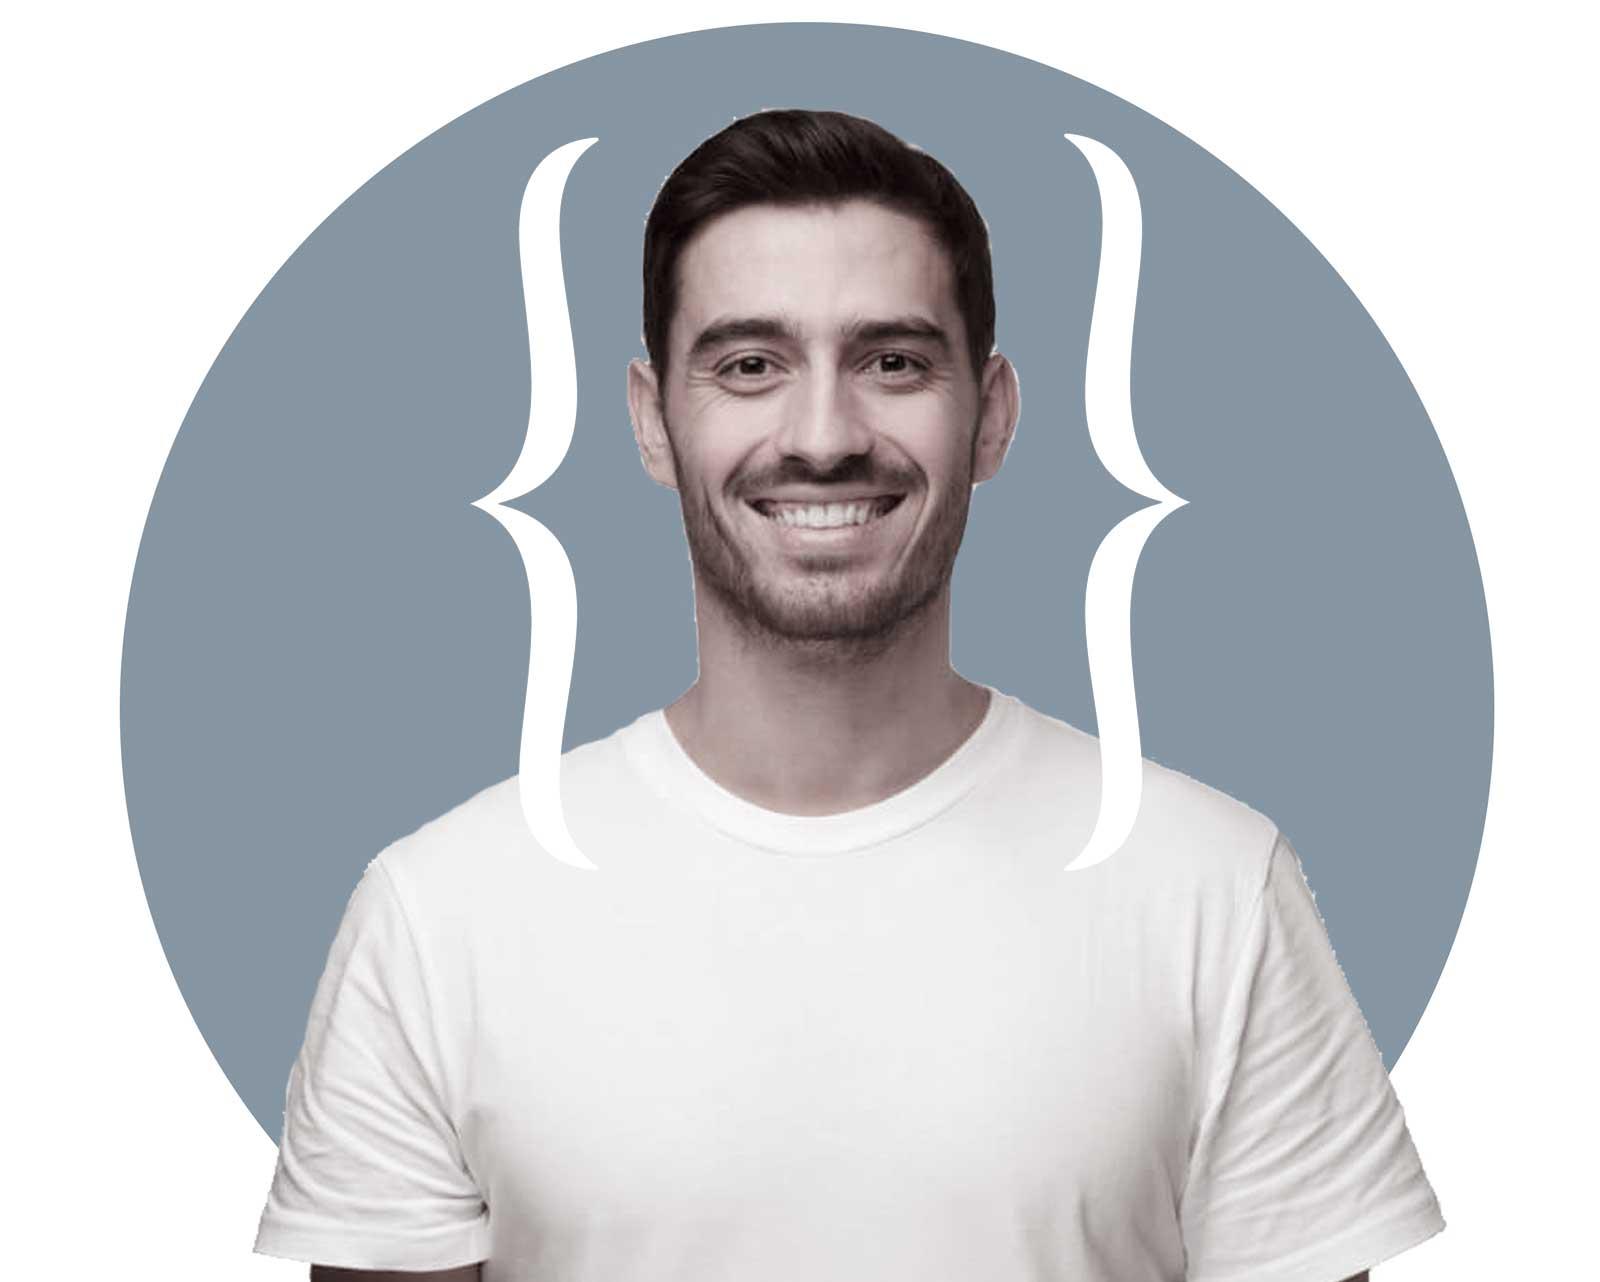 clinica dental alicante | dentista sin dolor | ortodoncia alicante | endodoncia alicante | implantes dentadura alicante | periodoncia alicante | empastes alicante | odontologia alicante | blanqueamiento dientes alicante | limpieza dientes alicante | estética dental alicante | dentista simpatico alicante | dentistas profesionales alicante | odontopediatria alicante | ortodoncia invisible | CBCT | sonrisa digital alicante | slow dentistry